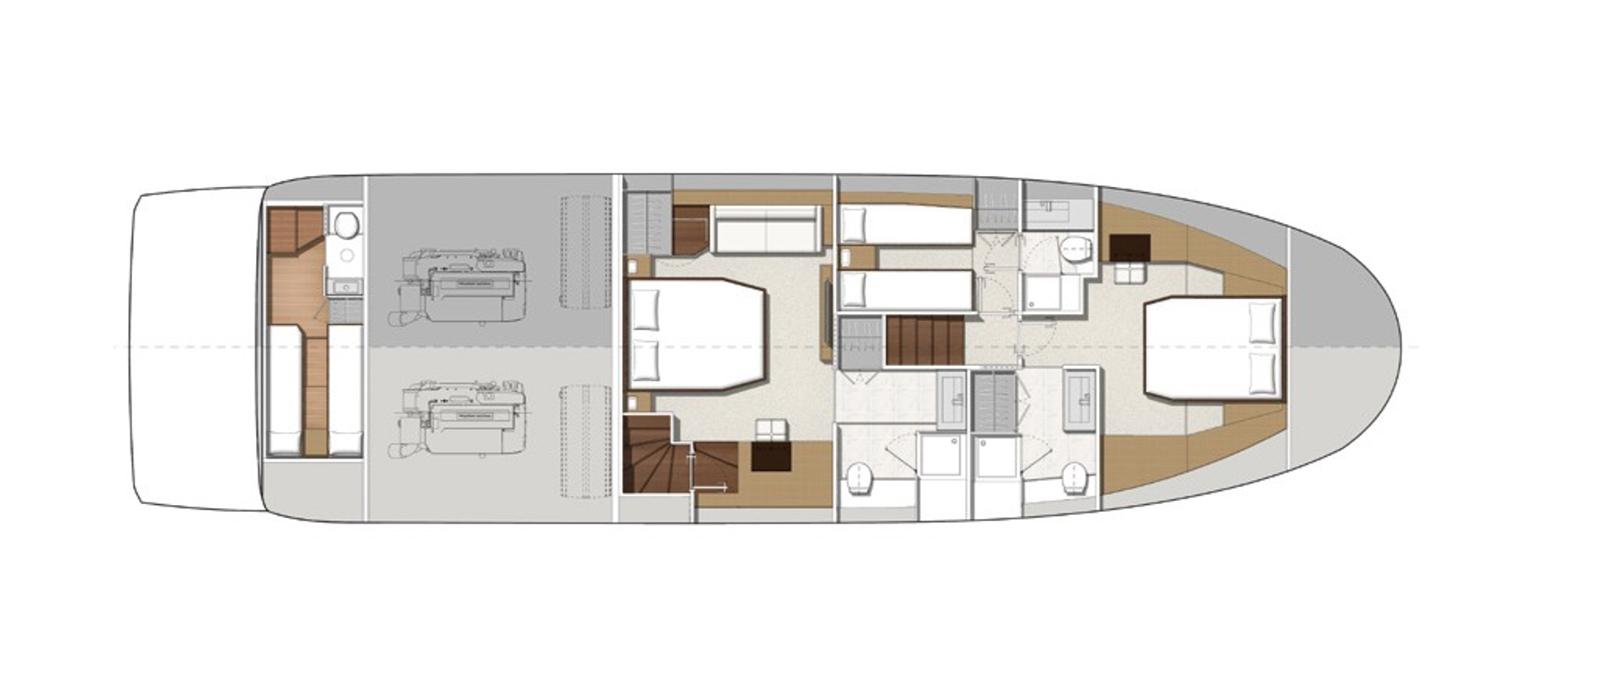 Prestige 630 - Boss - Layout - Lower-Deck